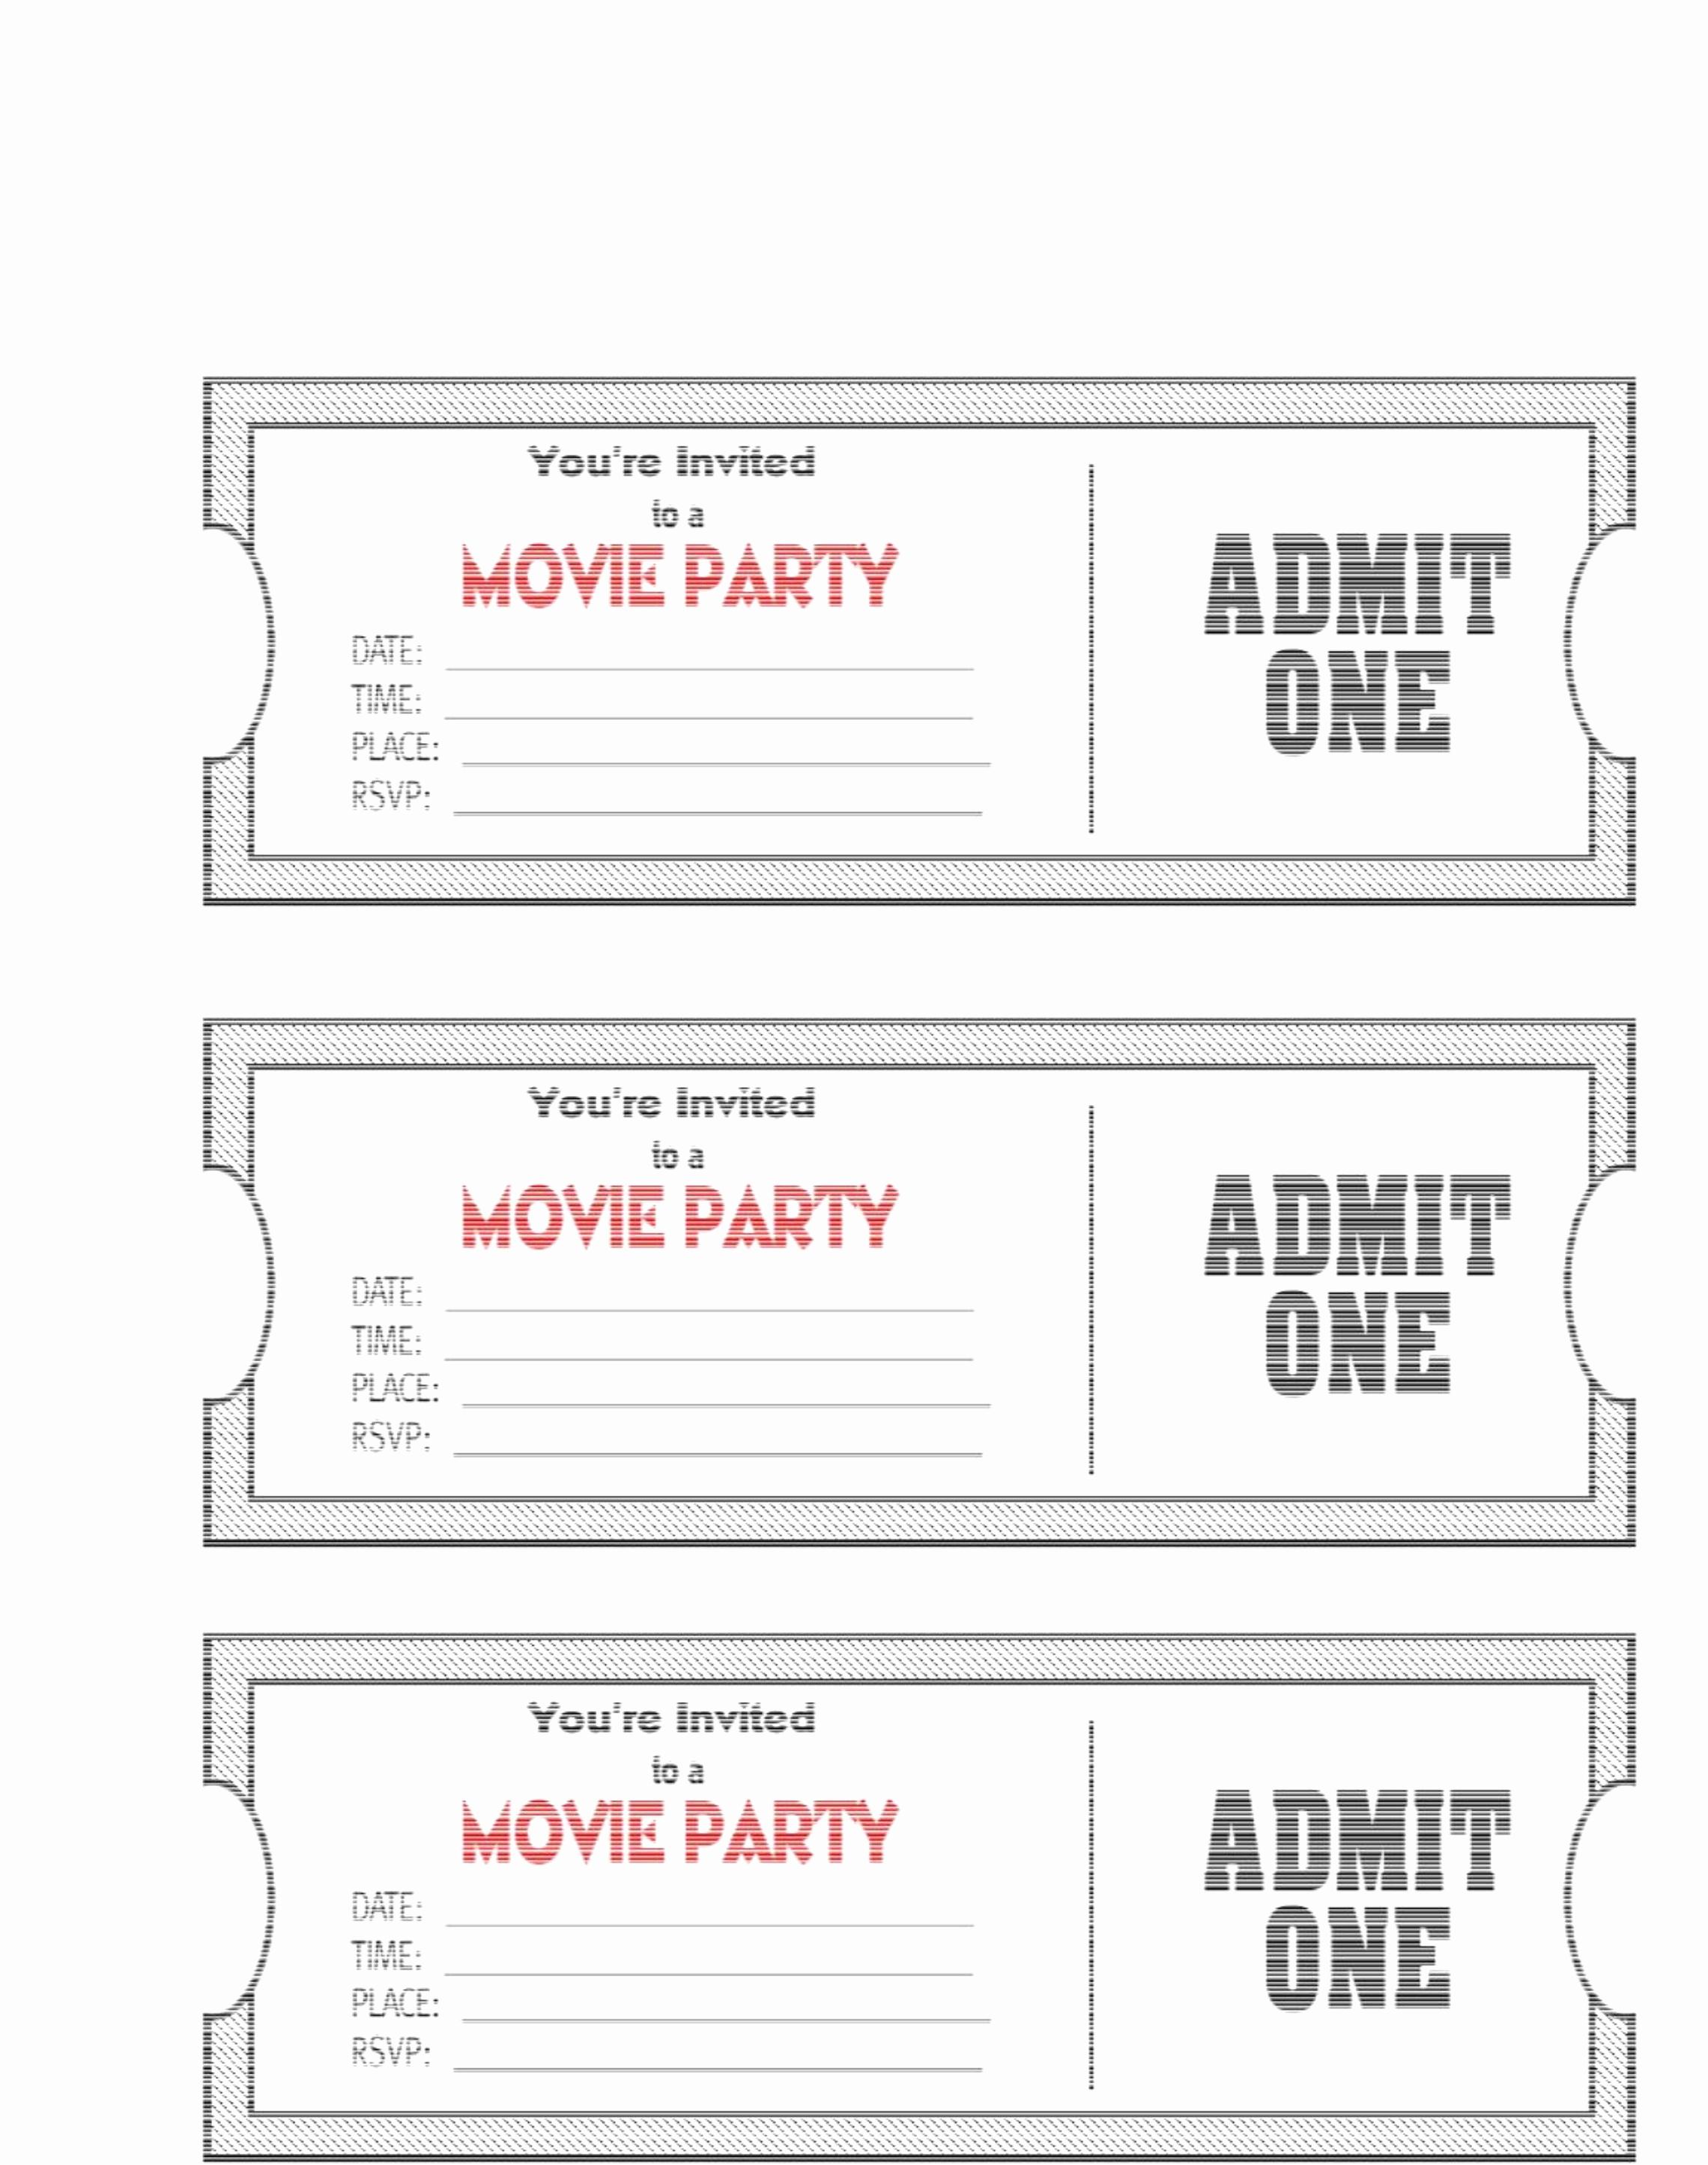 Movie Ticket Invitation Template Elegant Free Printable Movie Ticket Template – 40 Free Editable